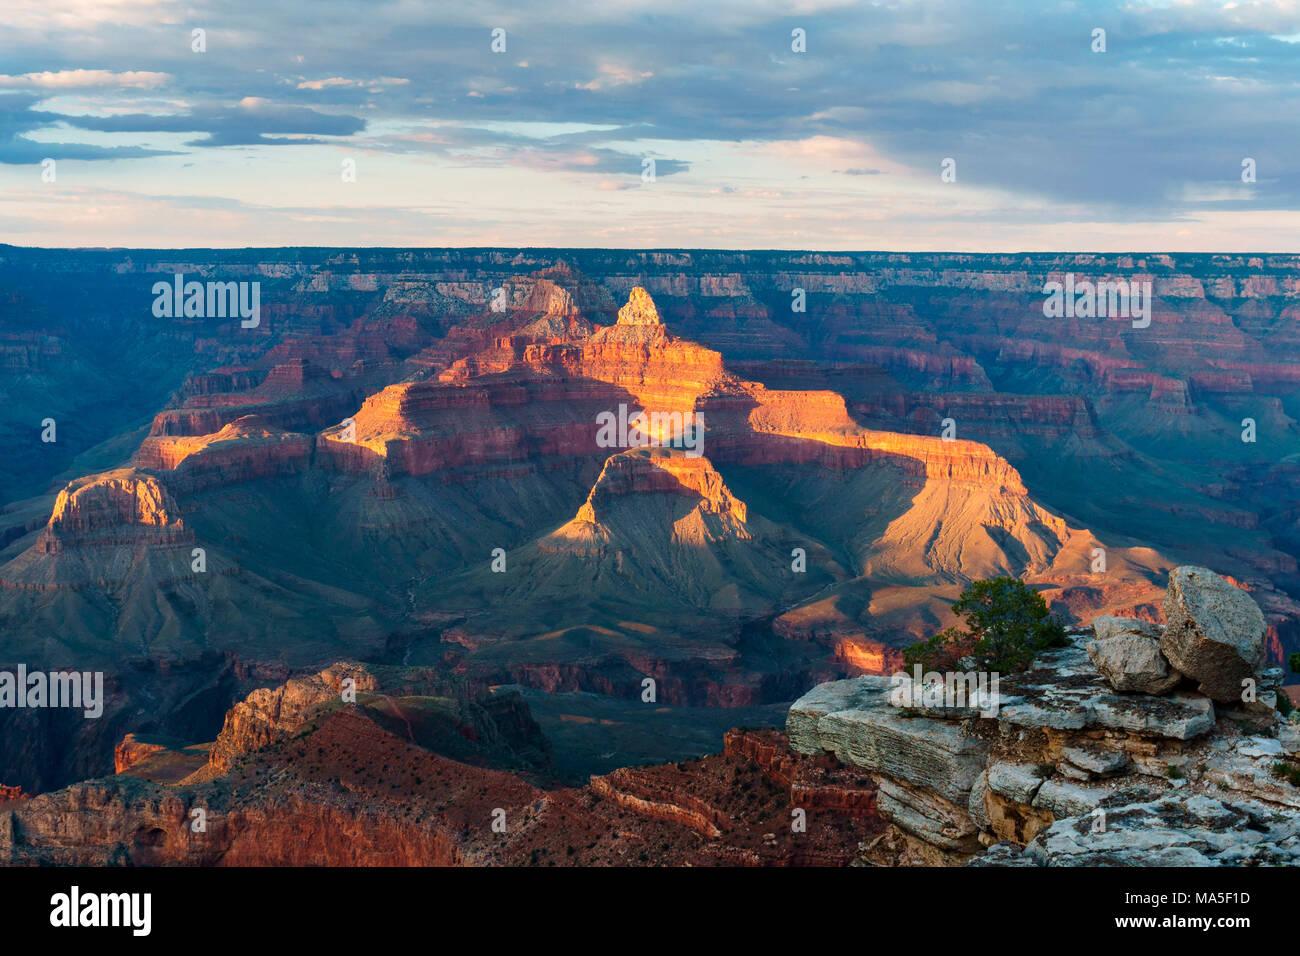 Atardecer en la madre, el Parque Nacional del Gran Cañón, Tusayan, Arizona, EE.UU. Foto de stock